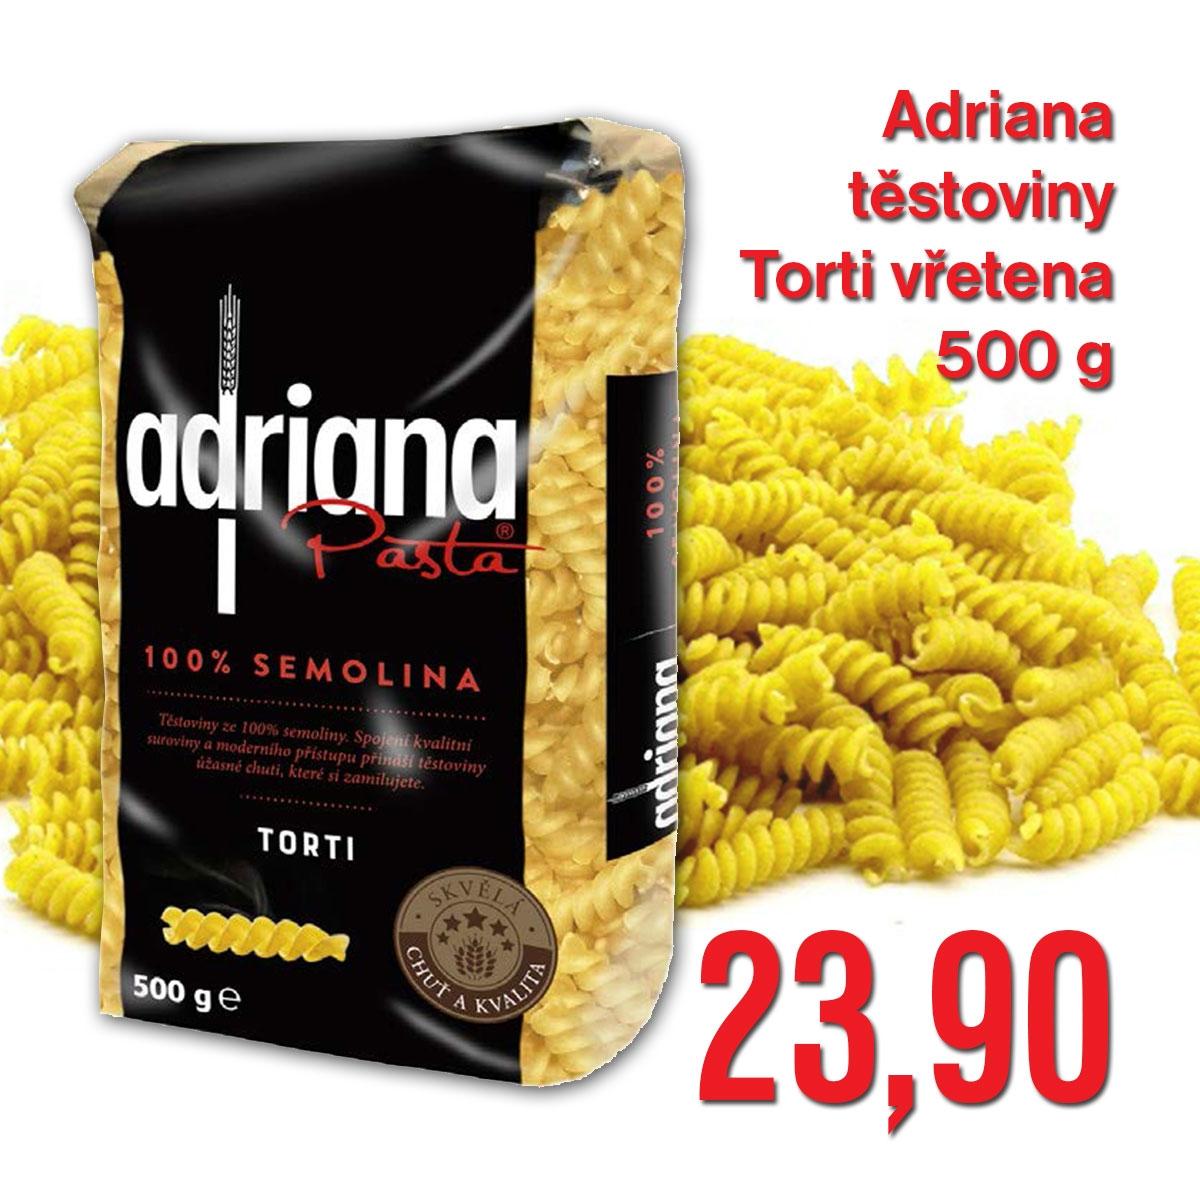 Adriana těstoviny Torti vřetena 500 g